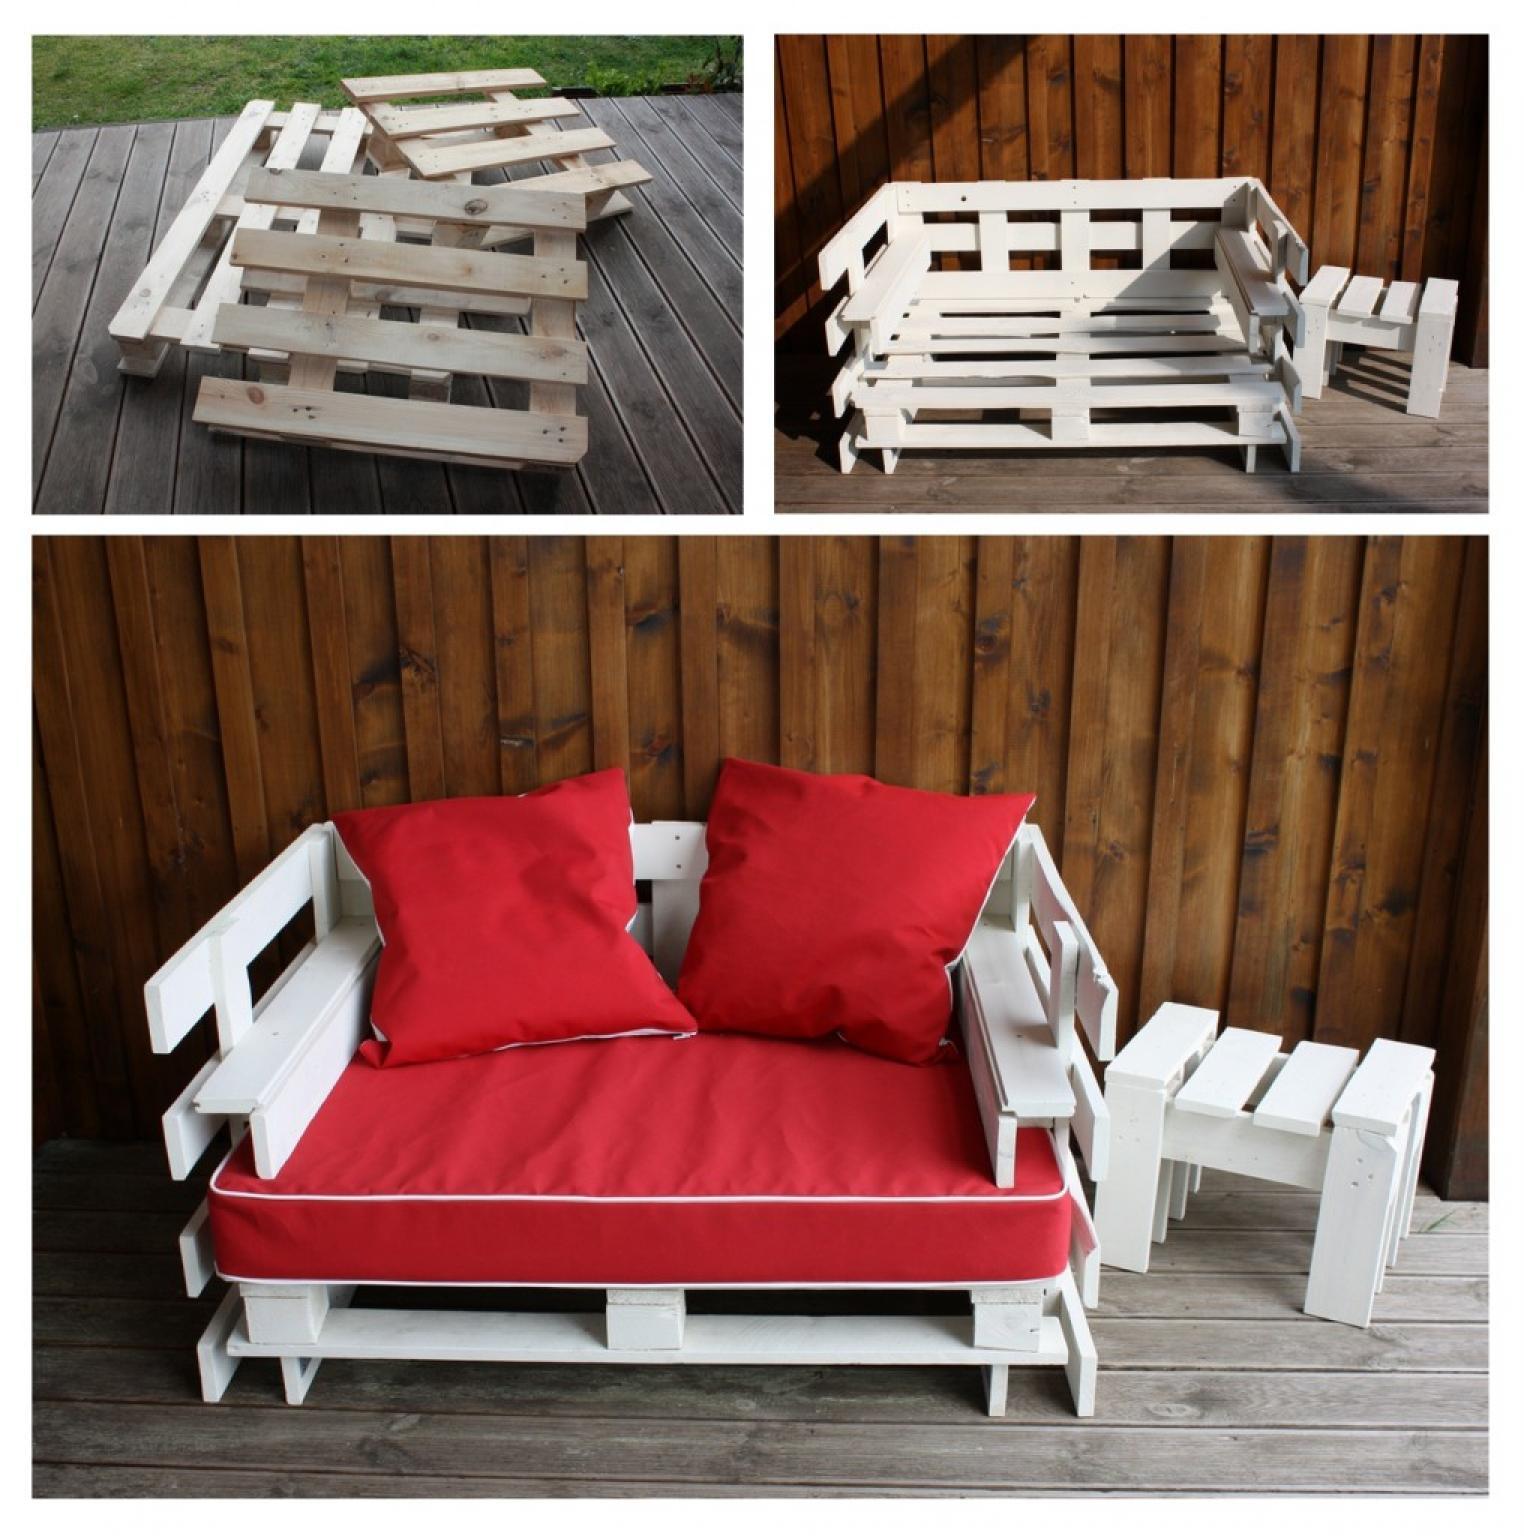 maison du canap canape petite profondeur canap ides de dcoration de maison canap faible. Black Bedroom Furniture Sets. Home Design Ideas